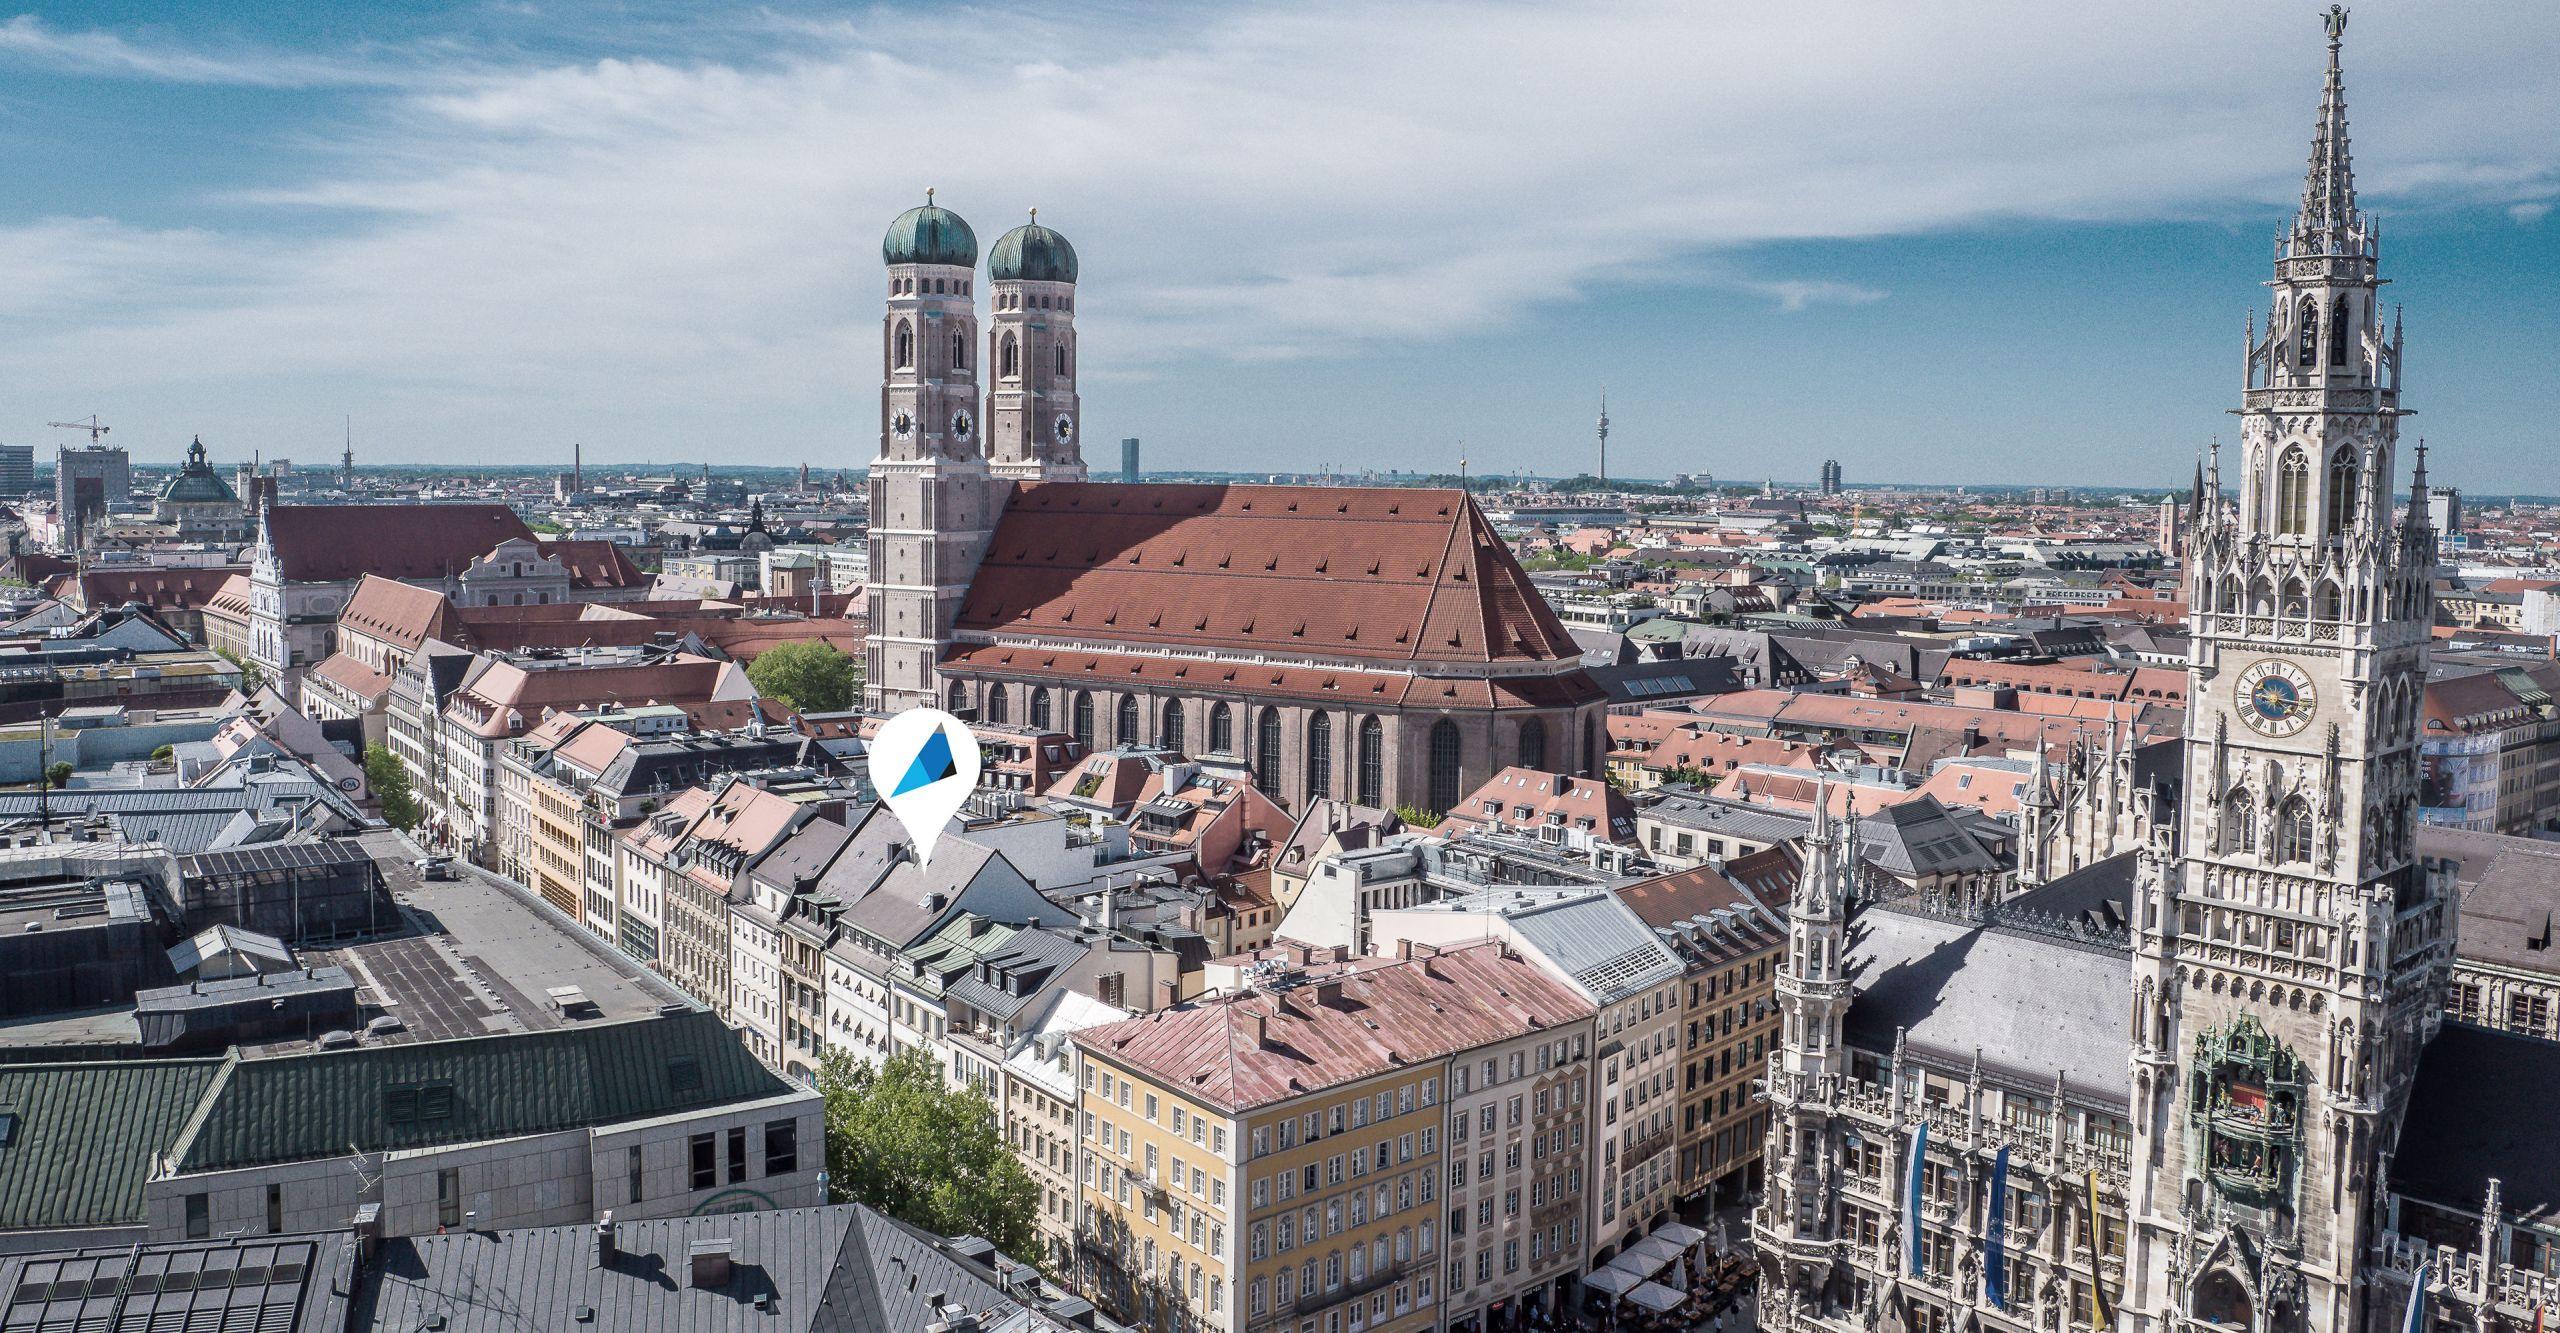 Pupeter Heil Munich city